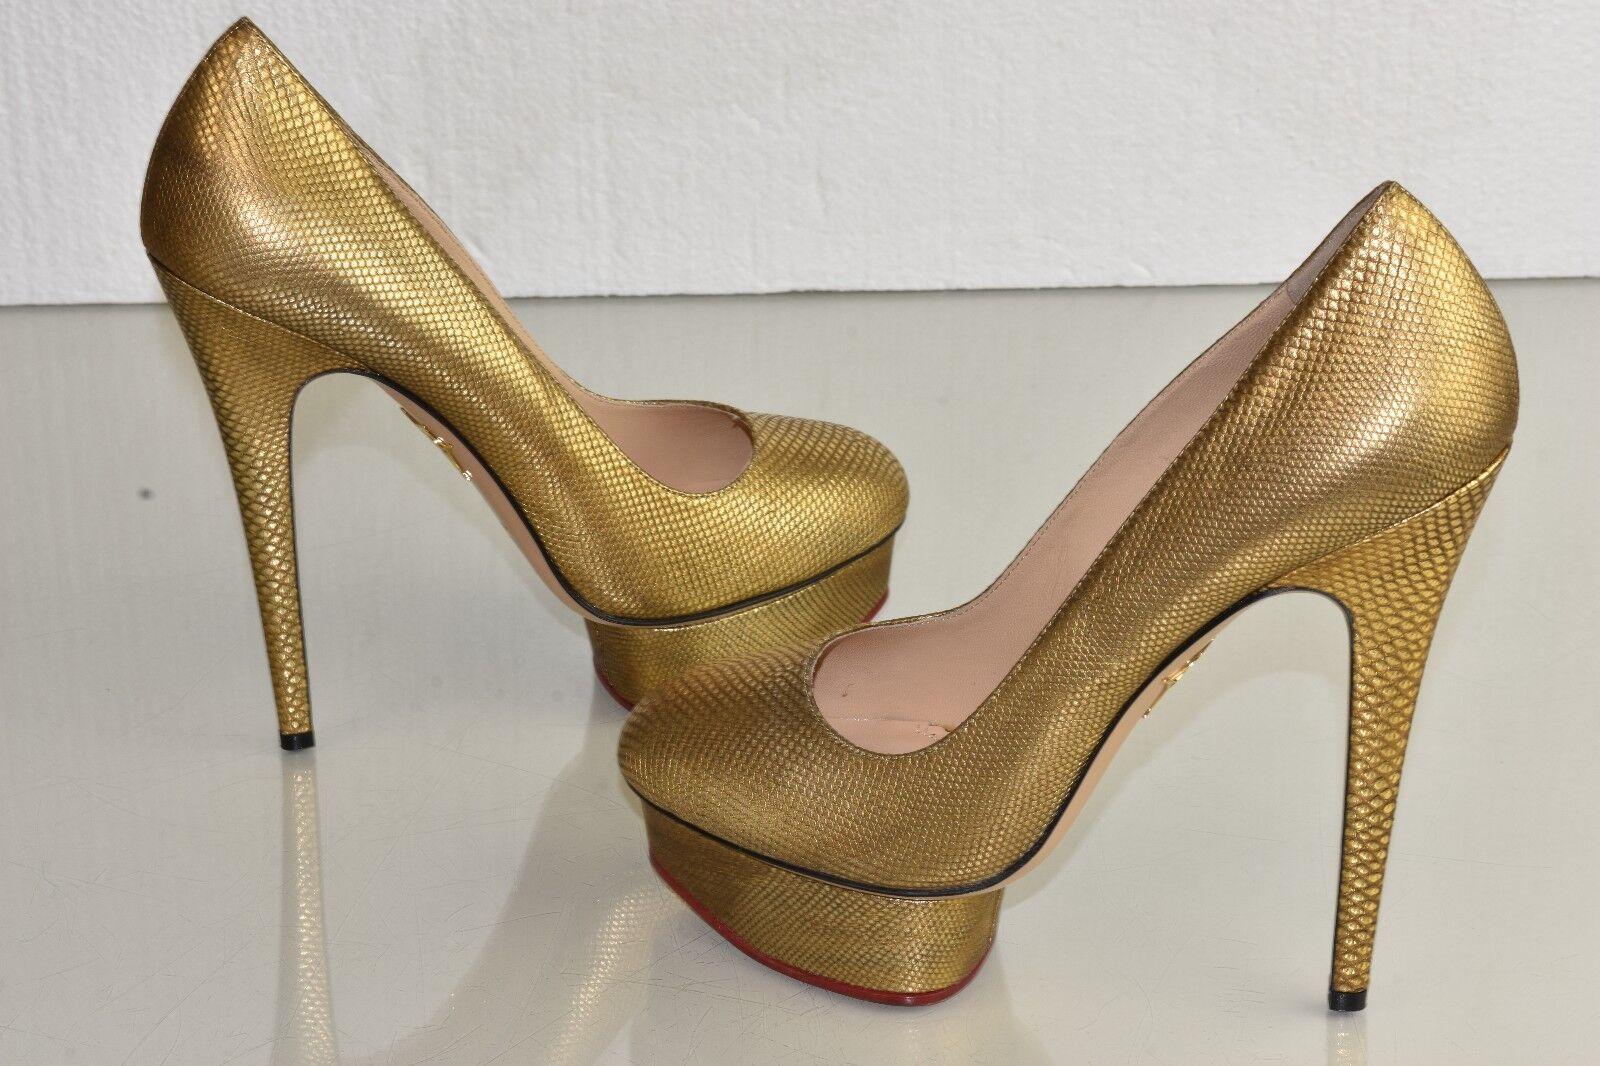 Neu Charlotte Charlotte Charlotte Olympia Puppe Exotischer Karung Plateau Gold Pumps Schuhe 41 1f28cd